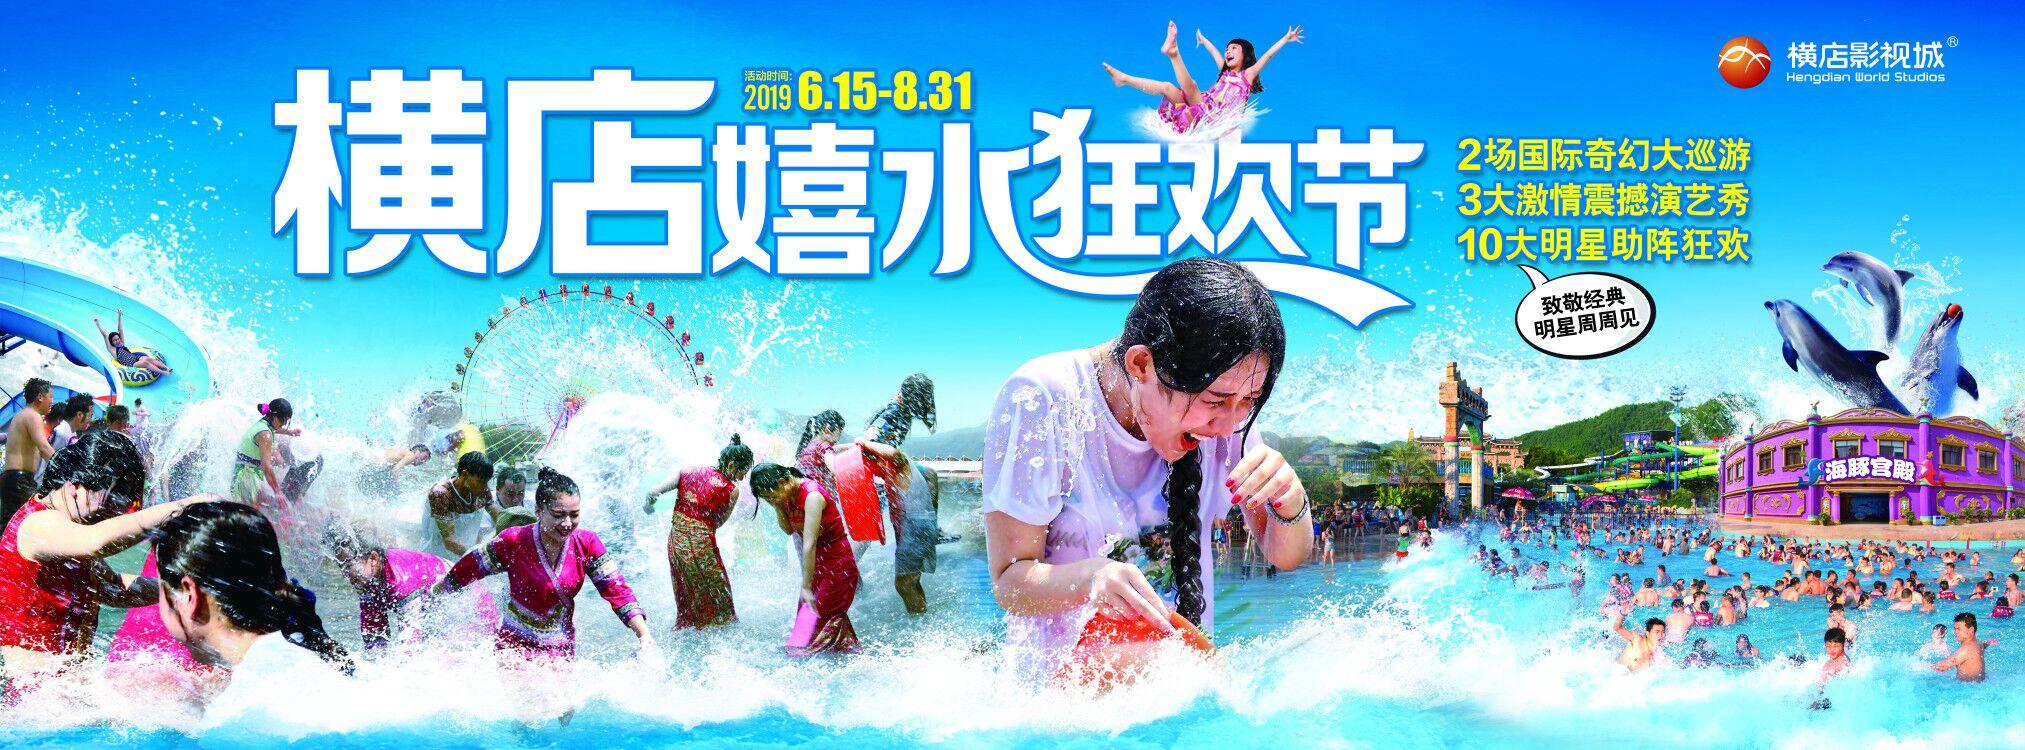 横店戏水狂欢节